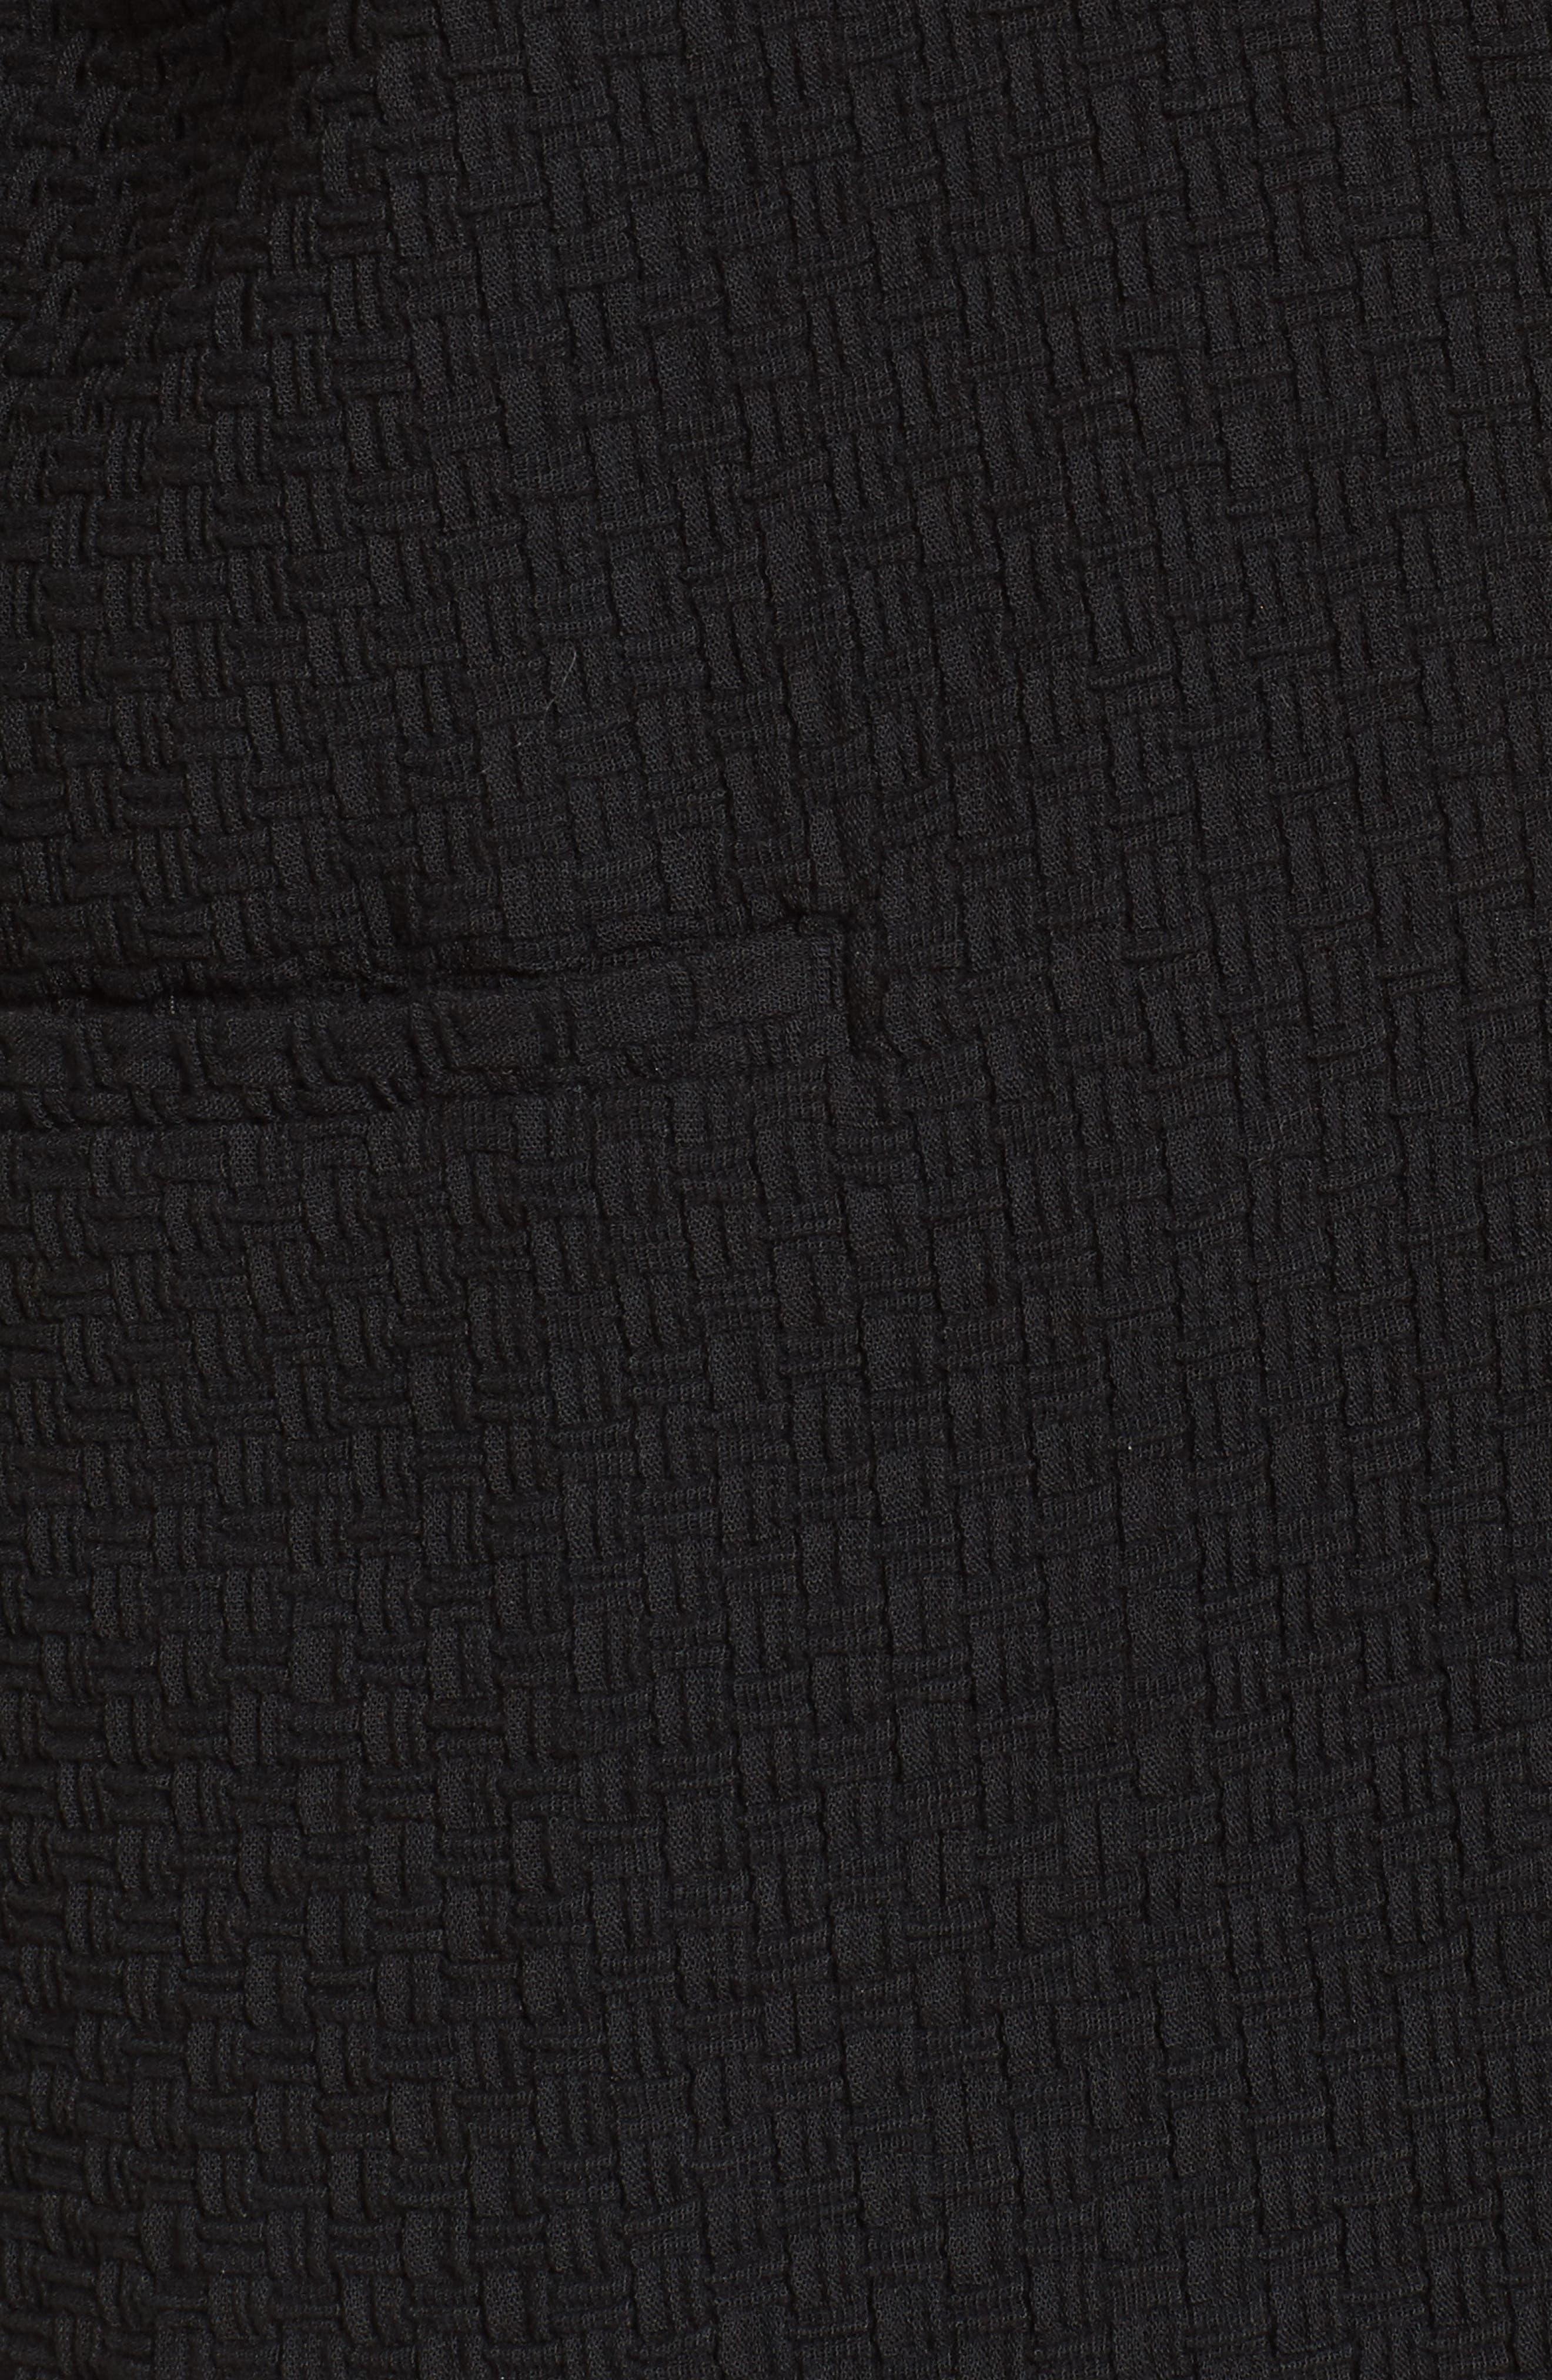 Boxy Jacquard Jacket,                             Alternate thumbnail 5, color,                             Black